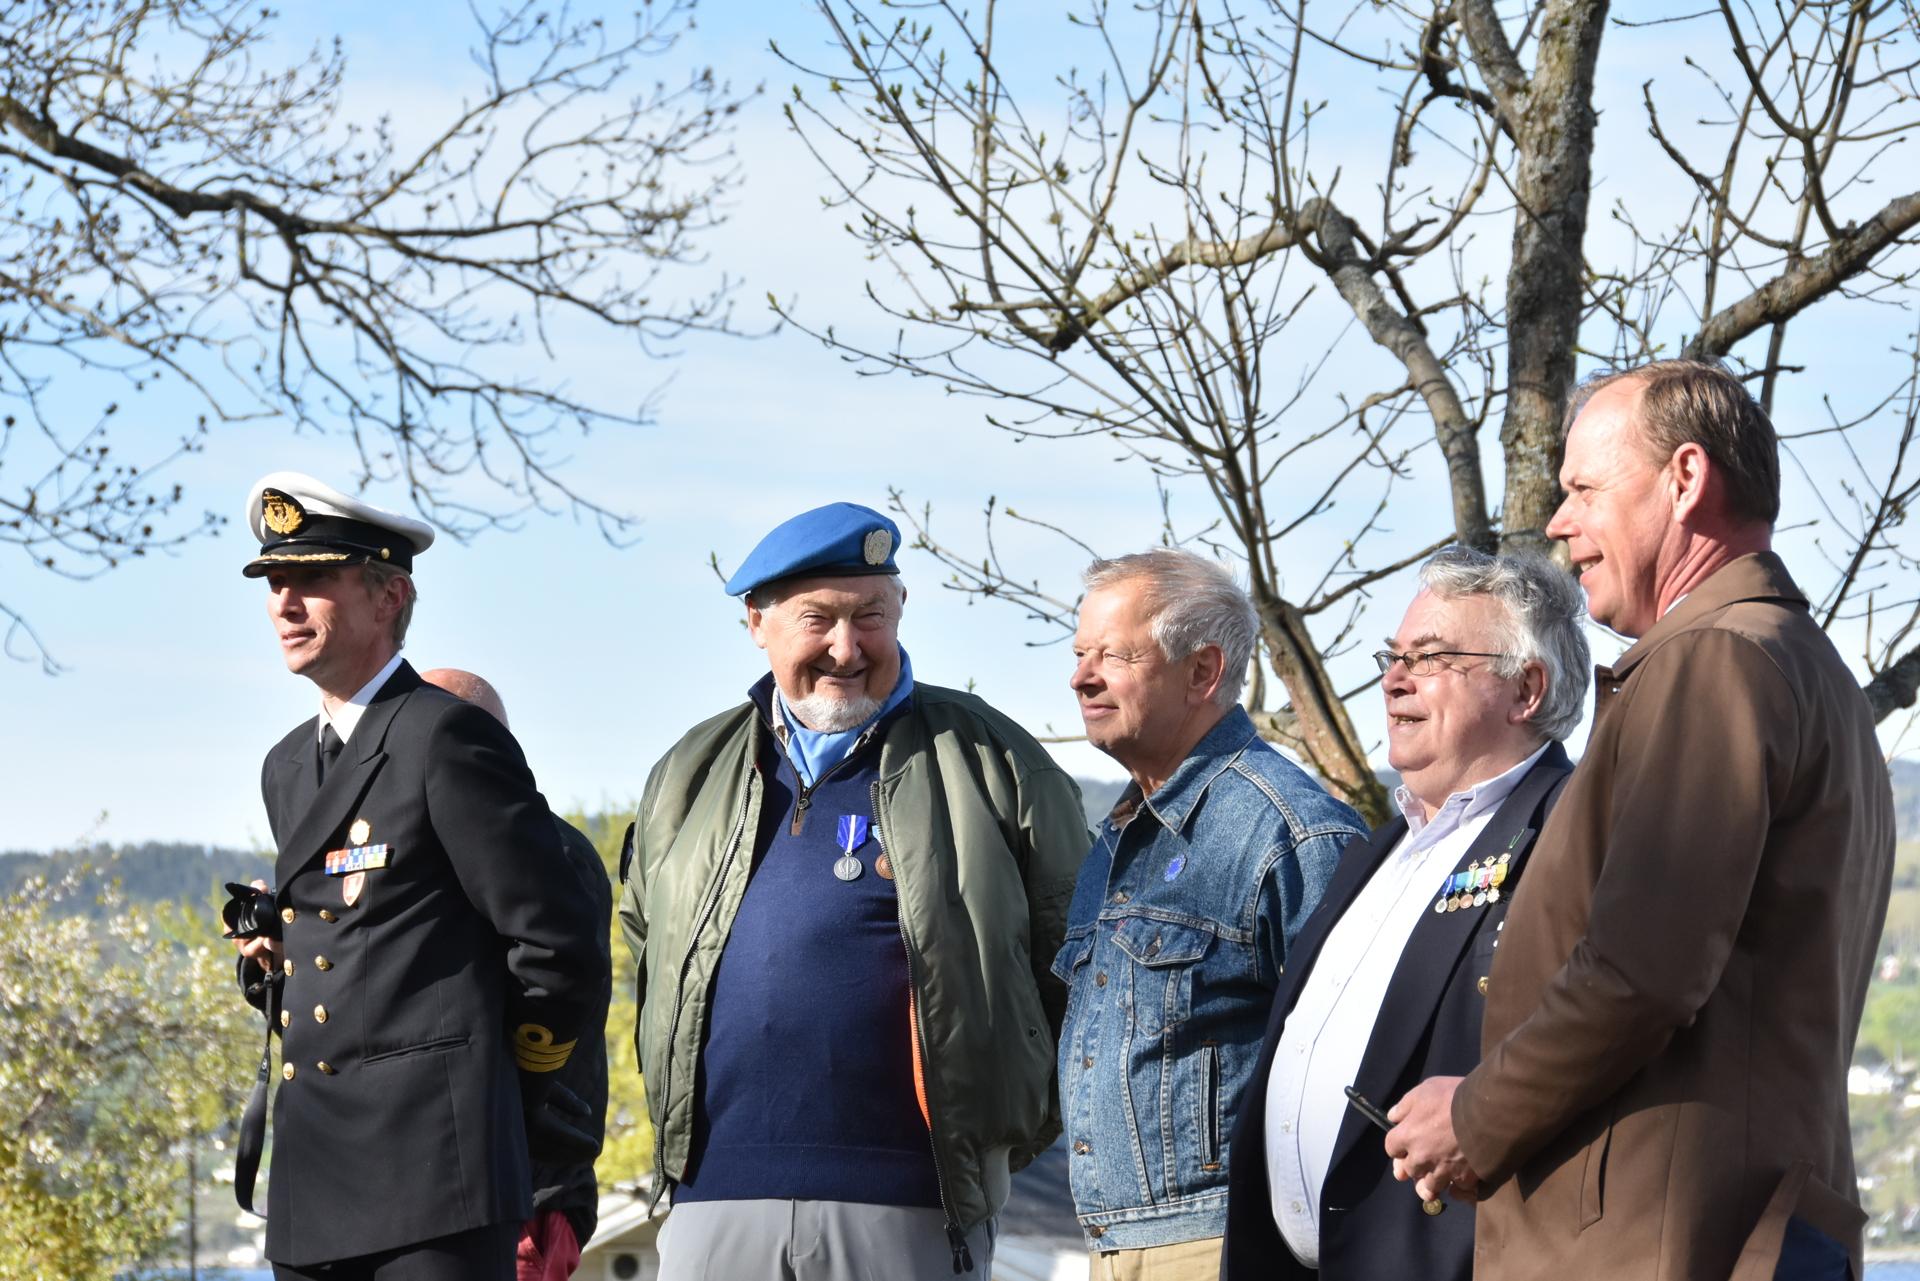 Kommandanten og veteraner.JPG